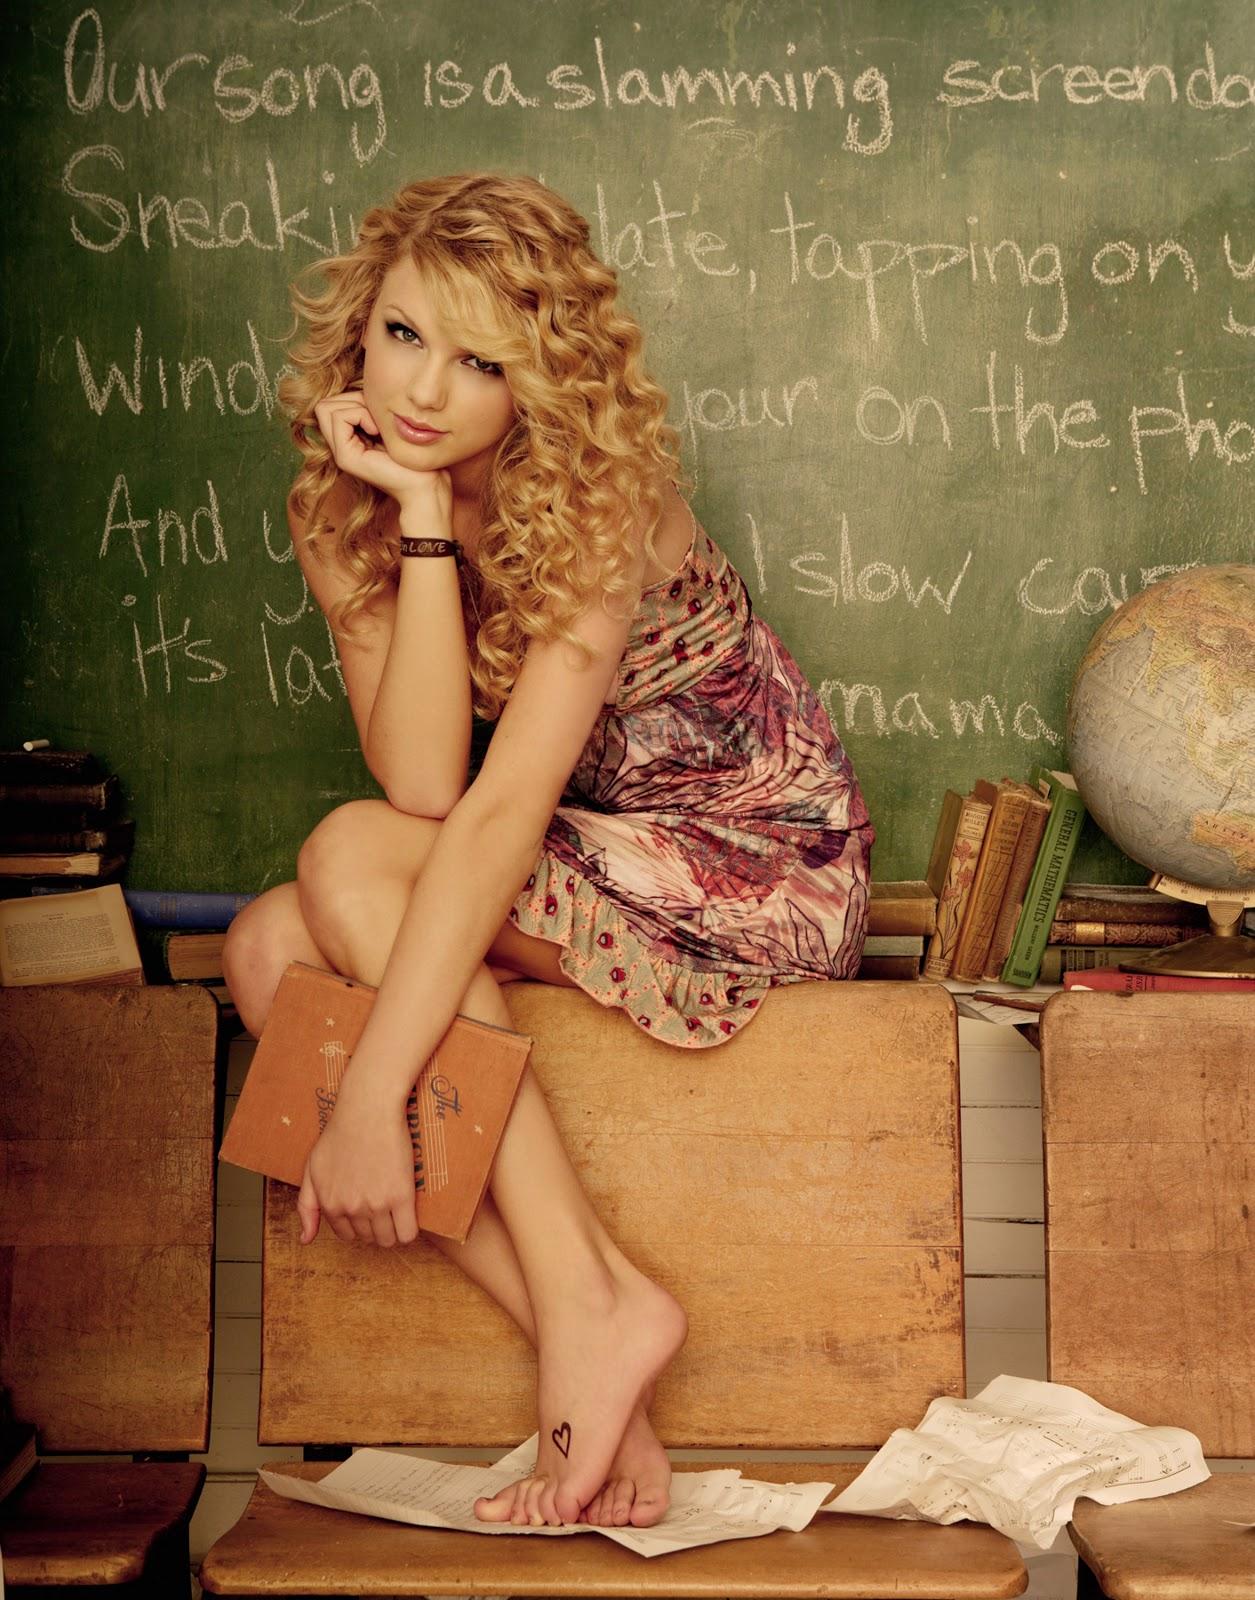 http://4.bp.blogspot.com/-nc3HYiEc9lk/T4zp2ao8WSI/AAAAAAAADRE/UzDzBrUE-bg/s1600/Taylor-Swift-Feet-8.jpg